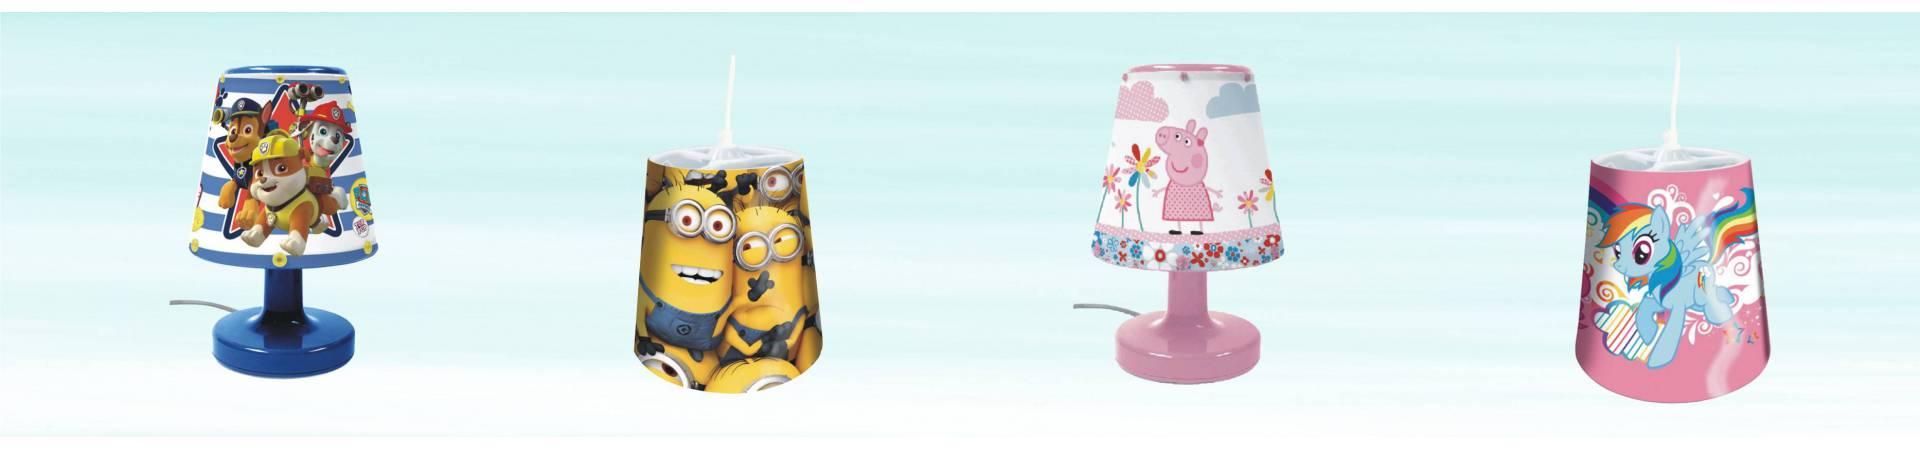 Disney Lamps